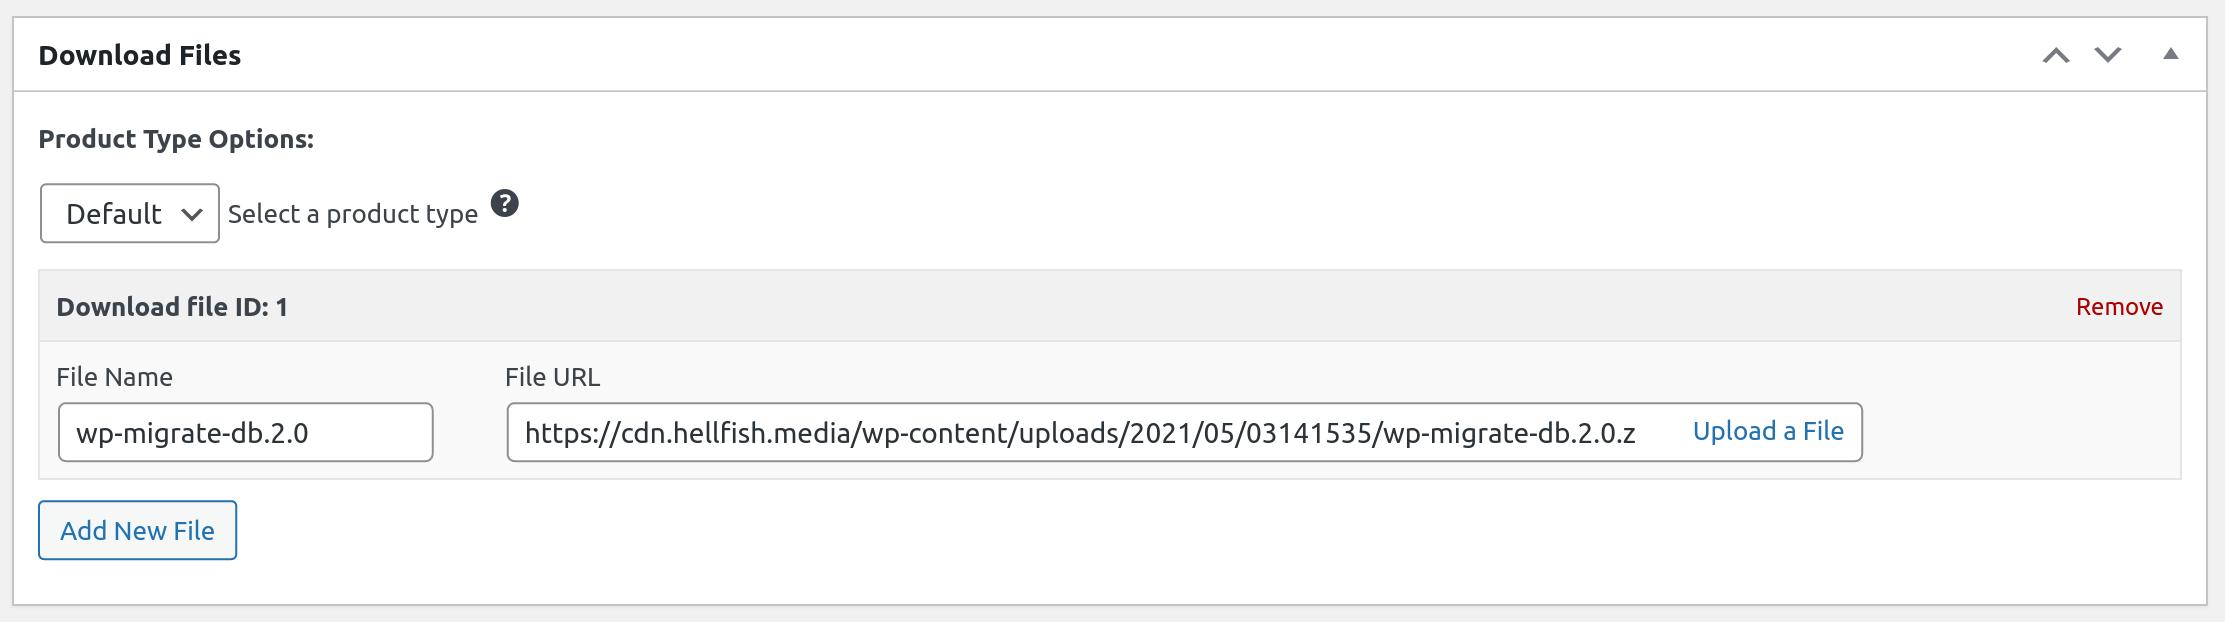 Uploaded Easy Digital Downloads Download File